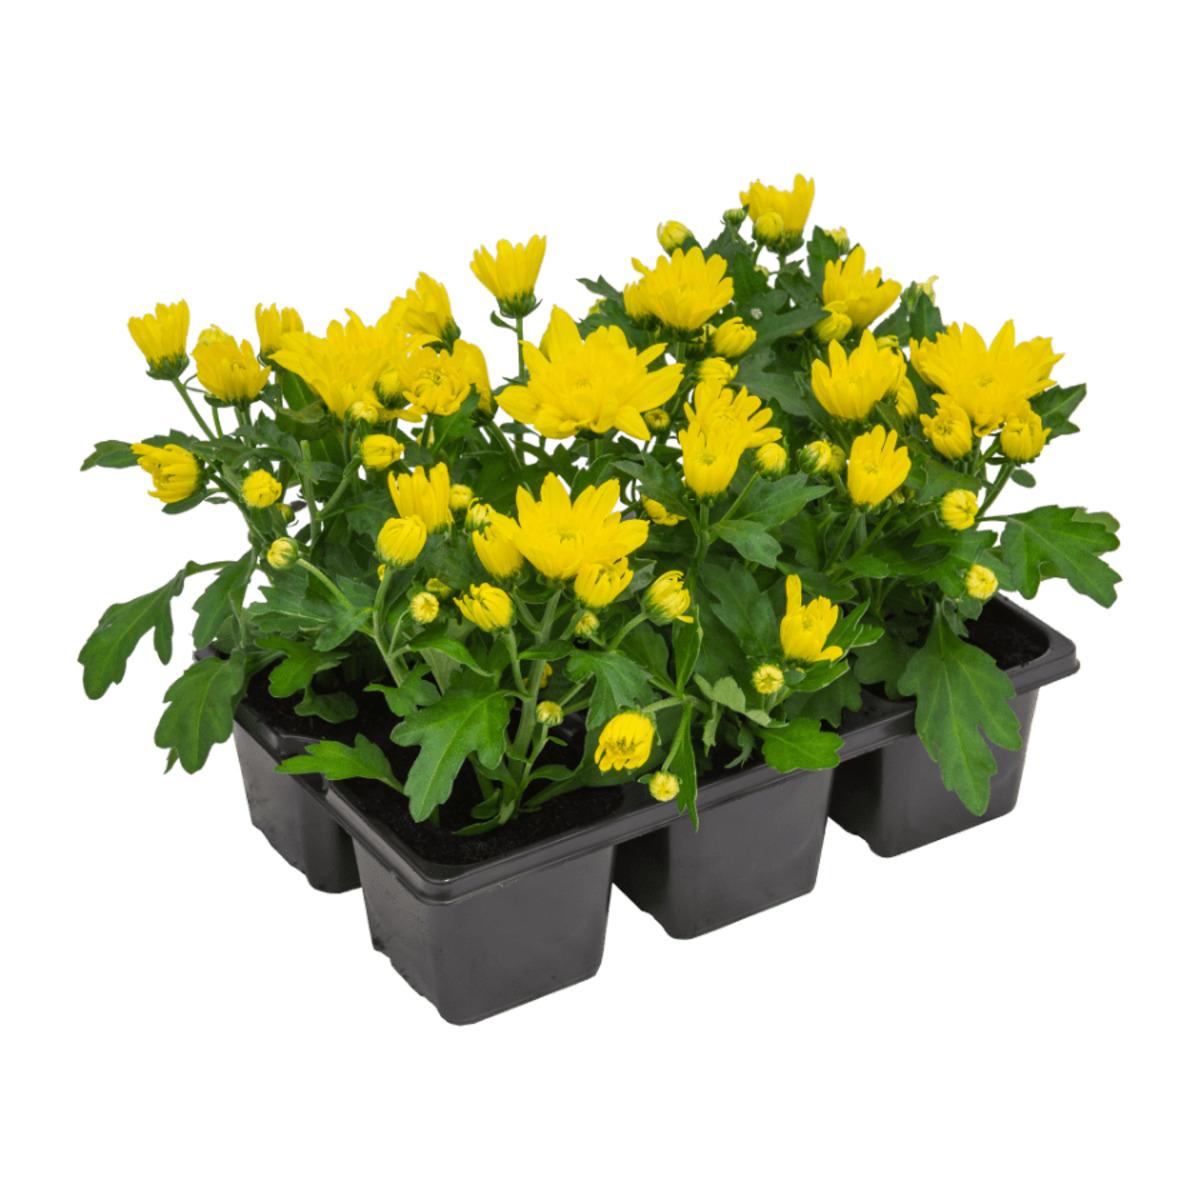 Bild 4 von GARDEN FEELINGS     Chrysanthemen